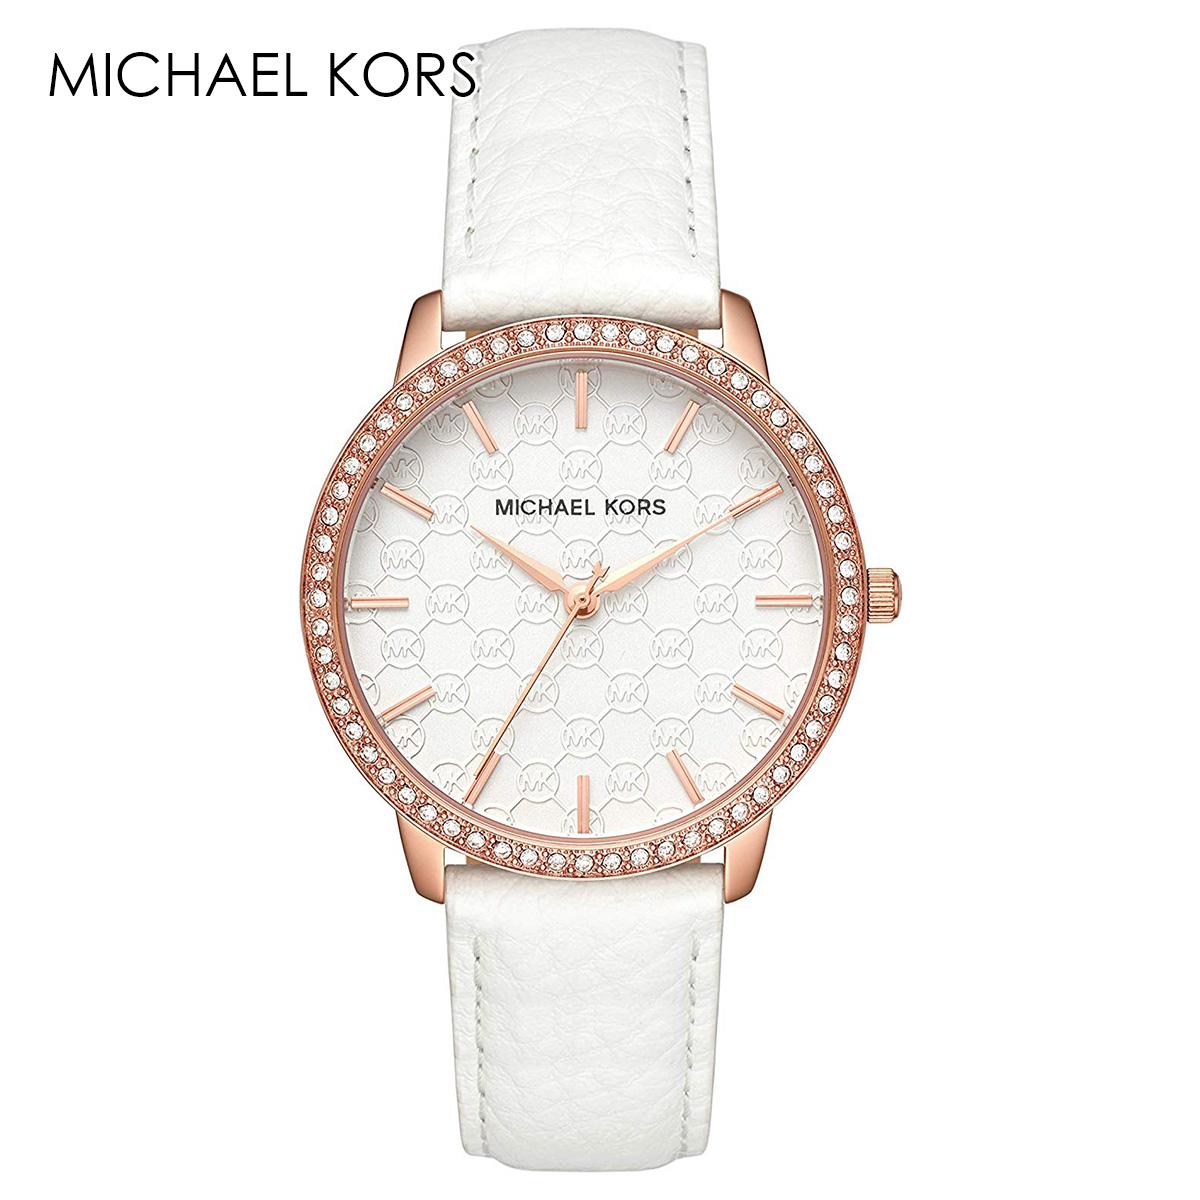 【全品送料無料】 Michael Kors マイケルコース MK2223 レディース 時計 腕時計 クオーツ